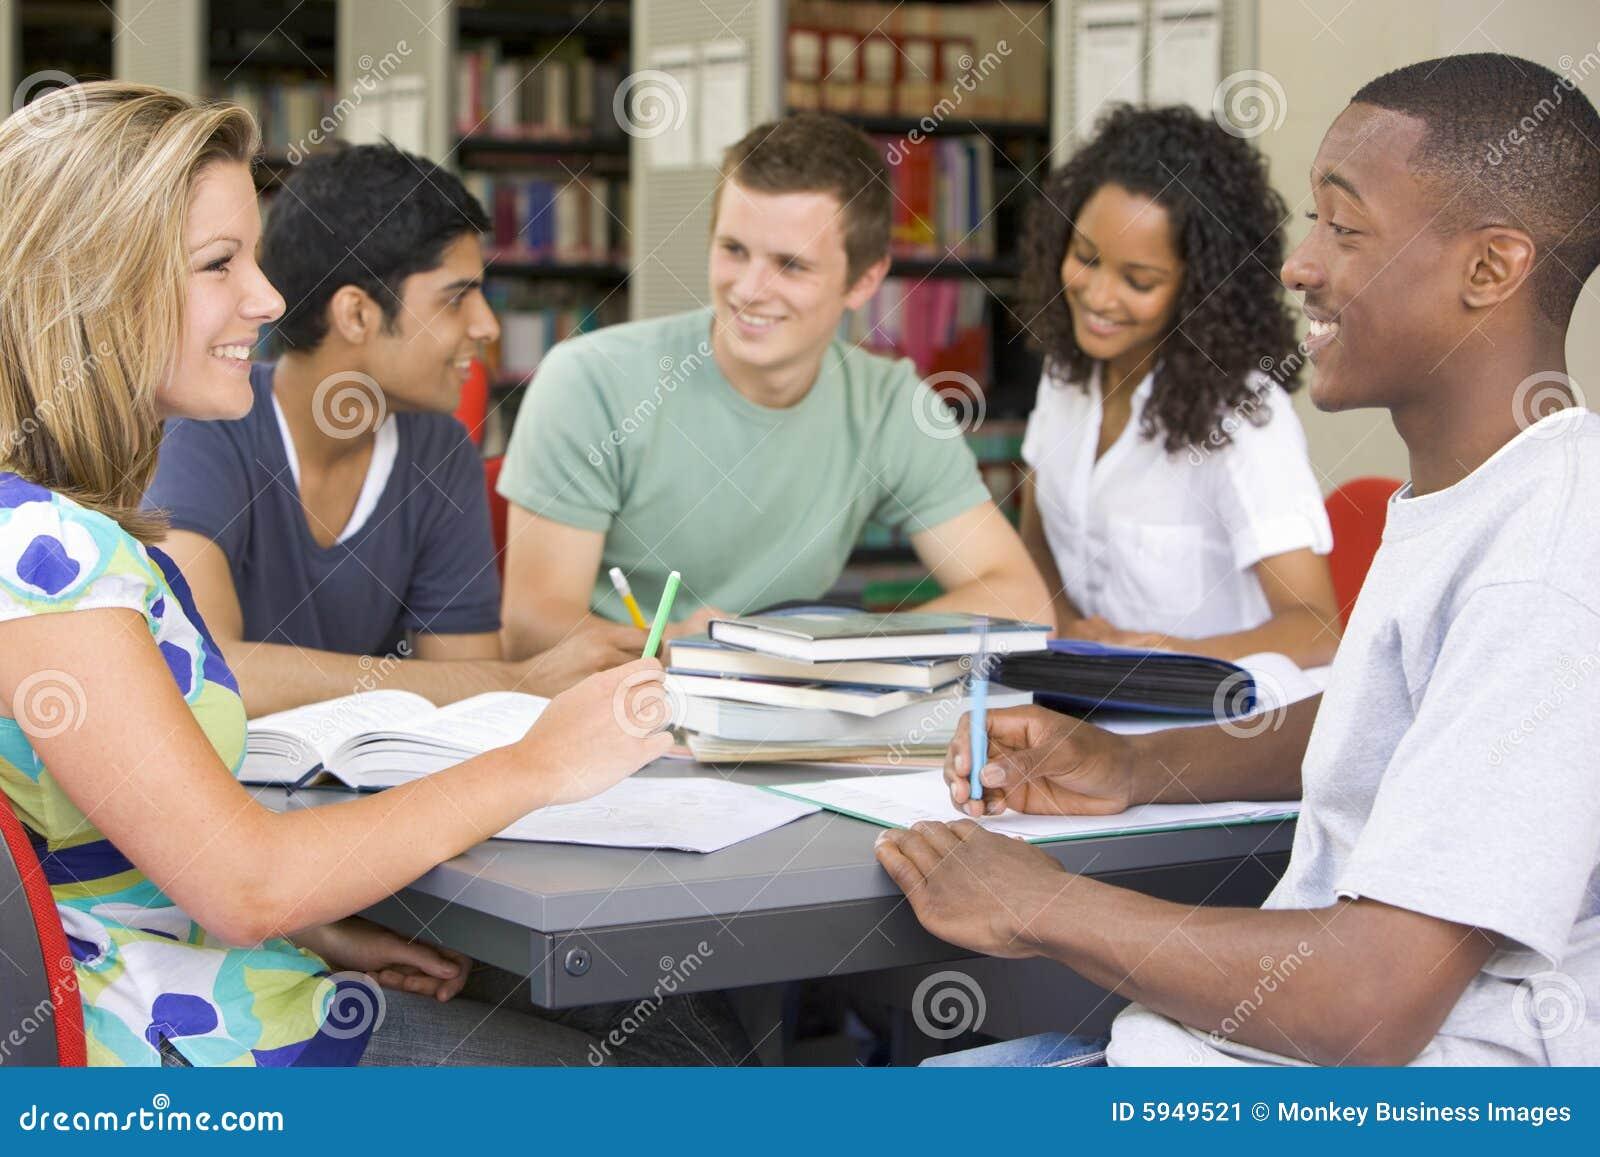 一起学习大学图书馆的学员